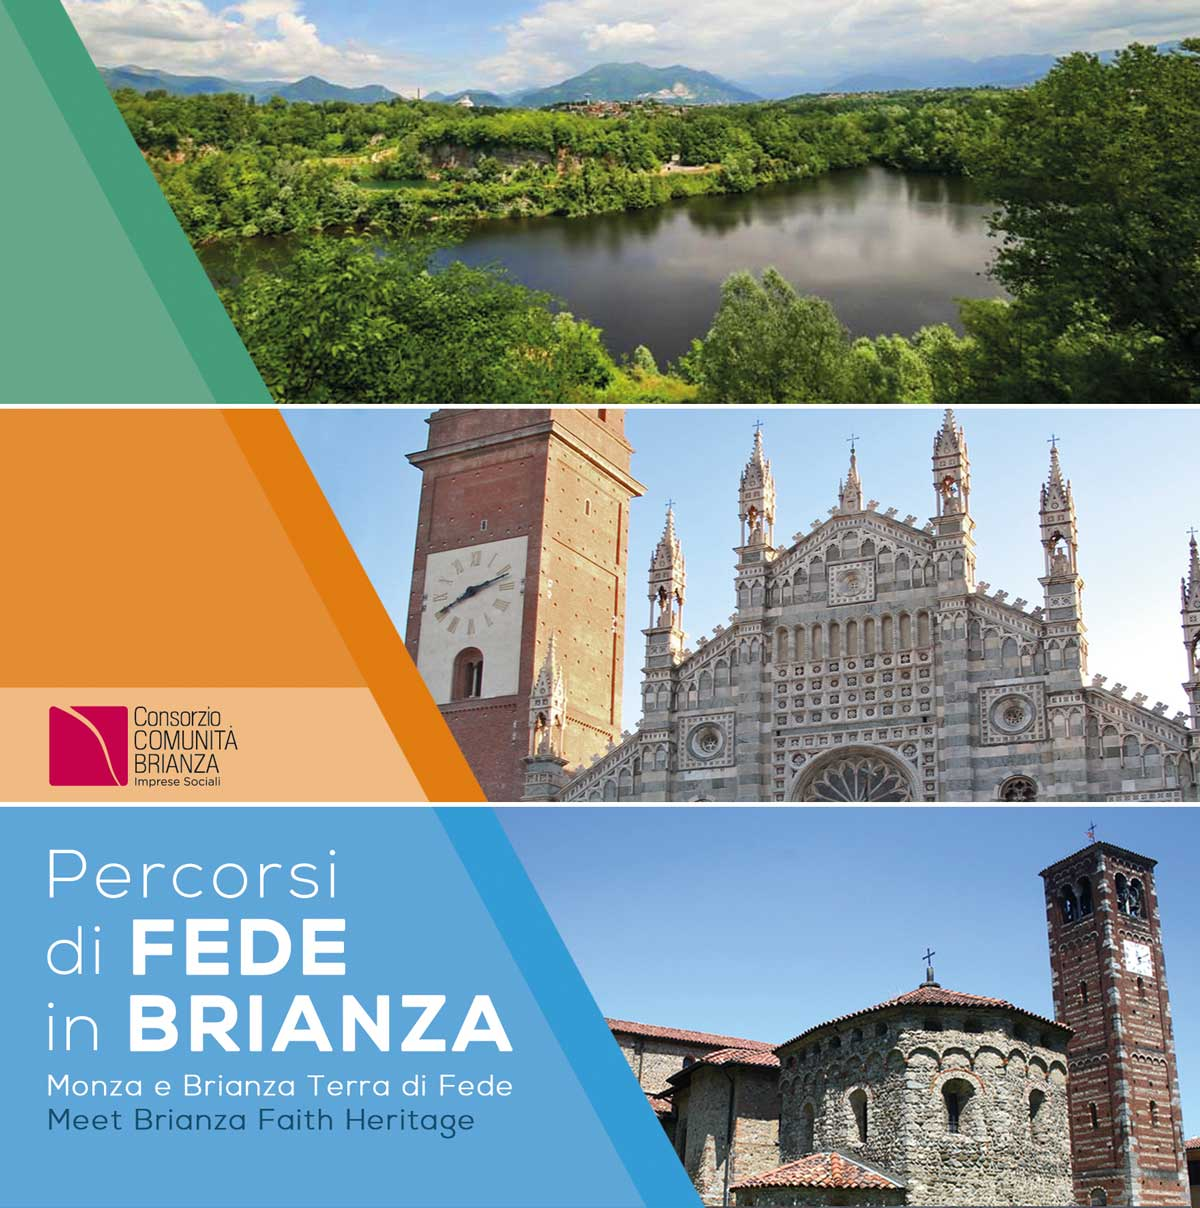 itinerari-turistici-religioso-brianza-lombardia-monza-cover